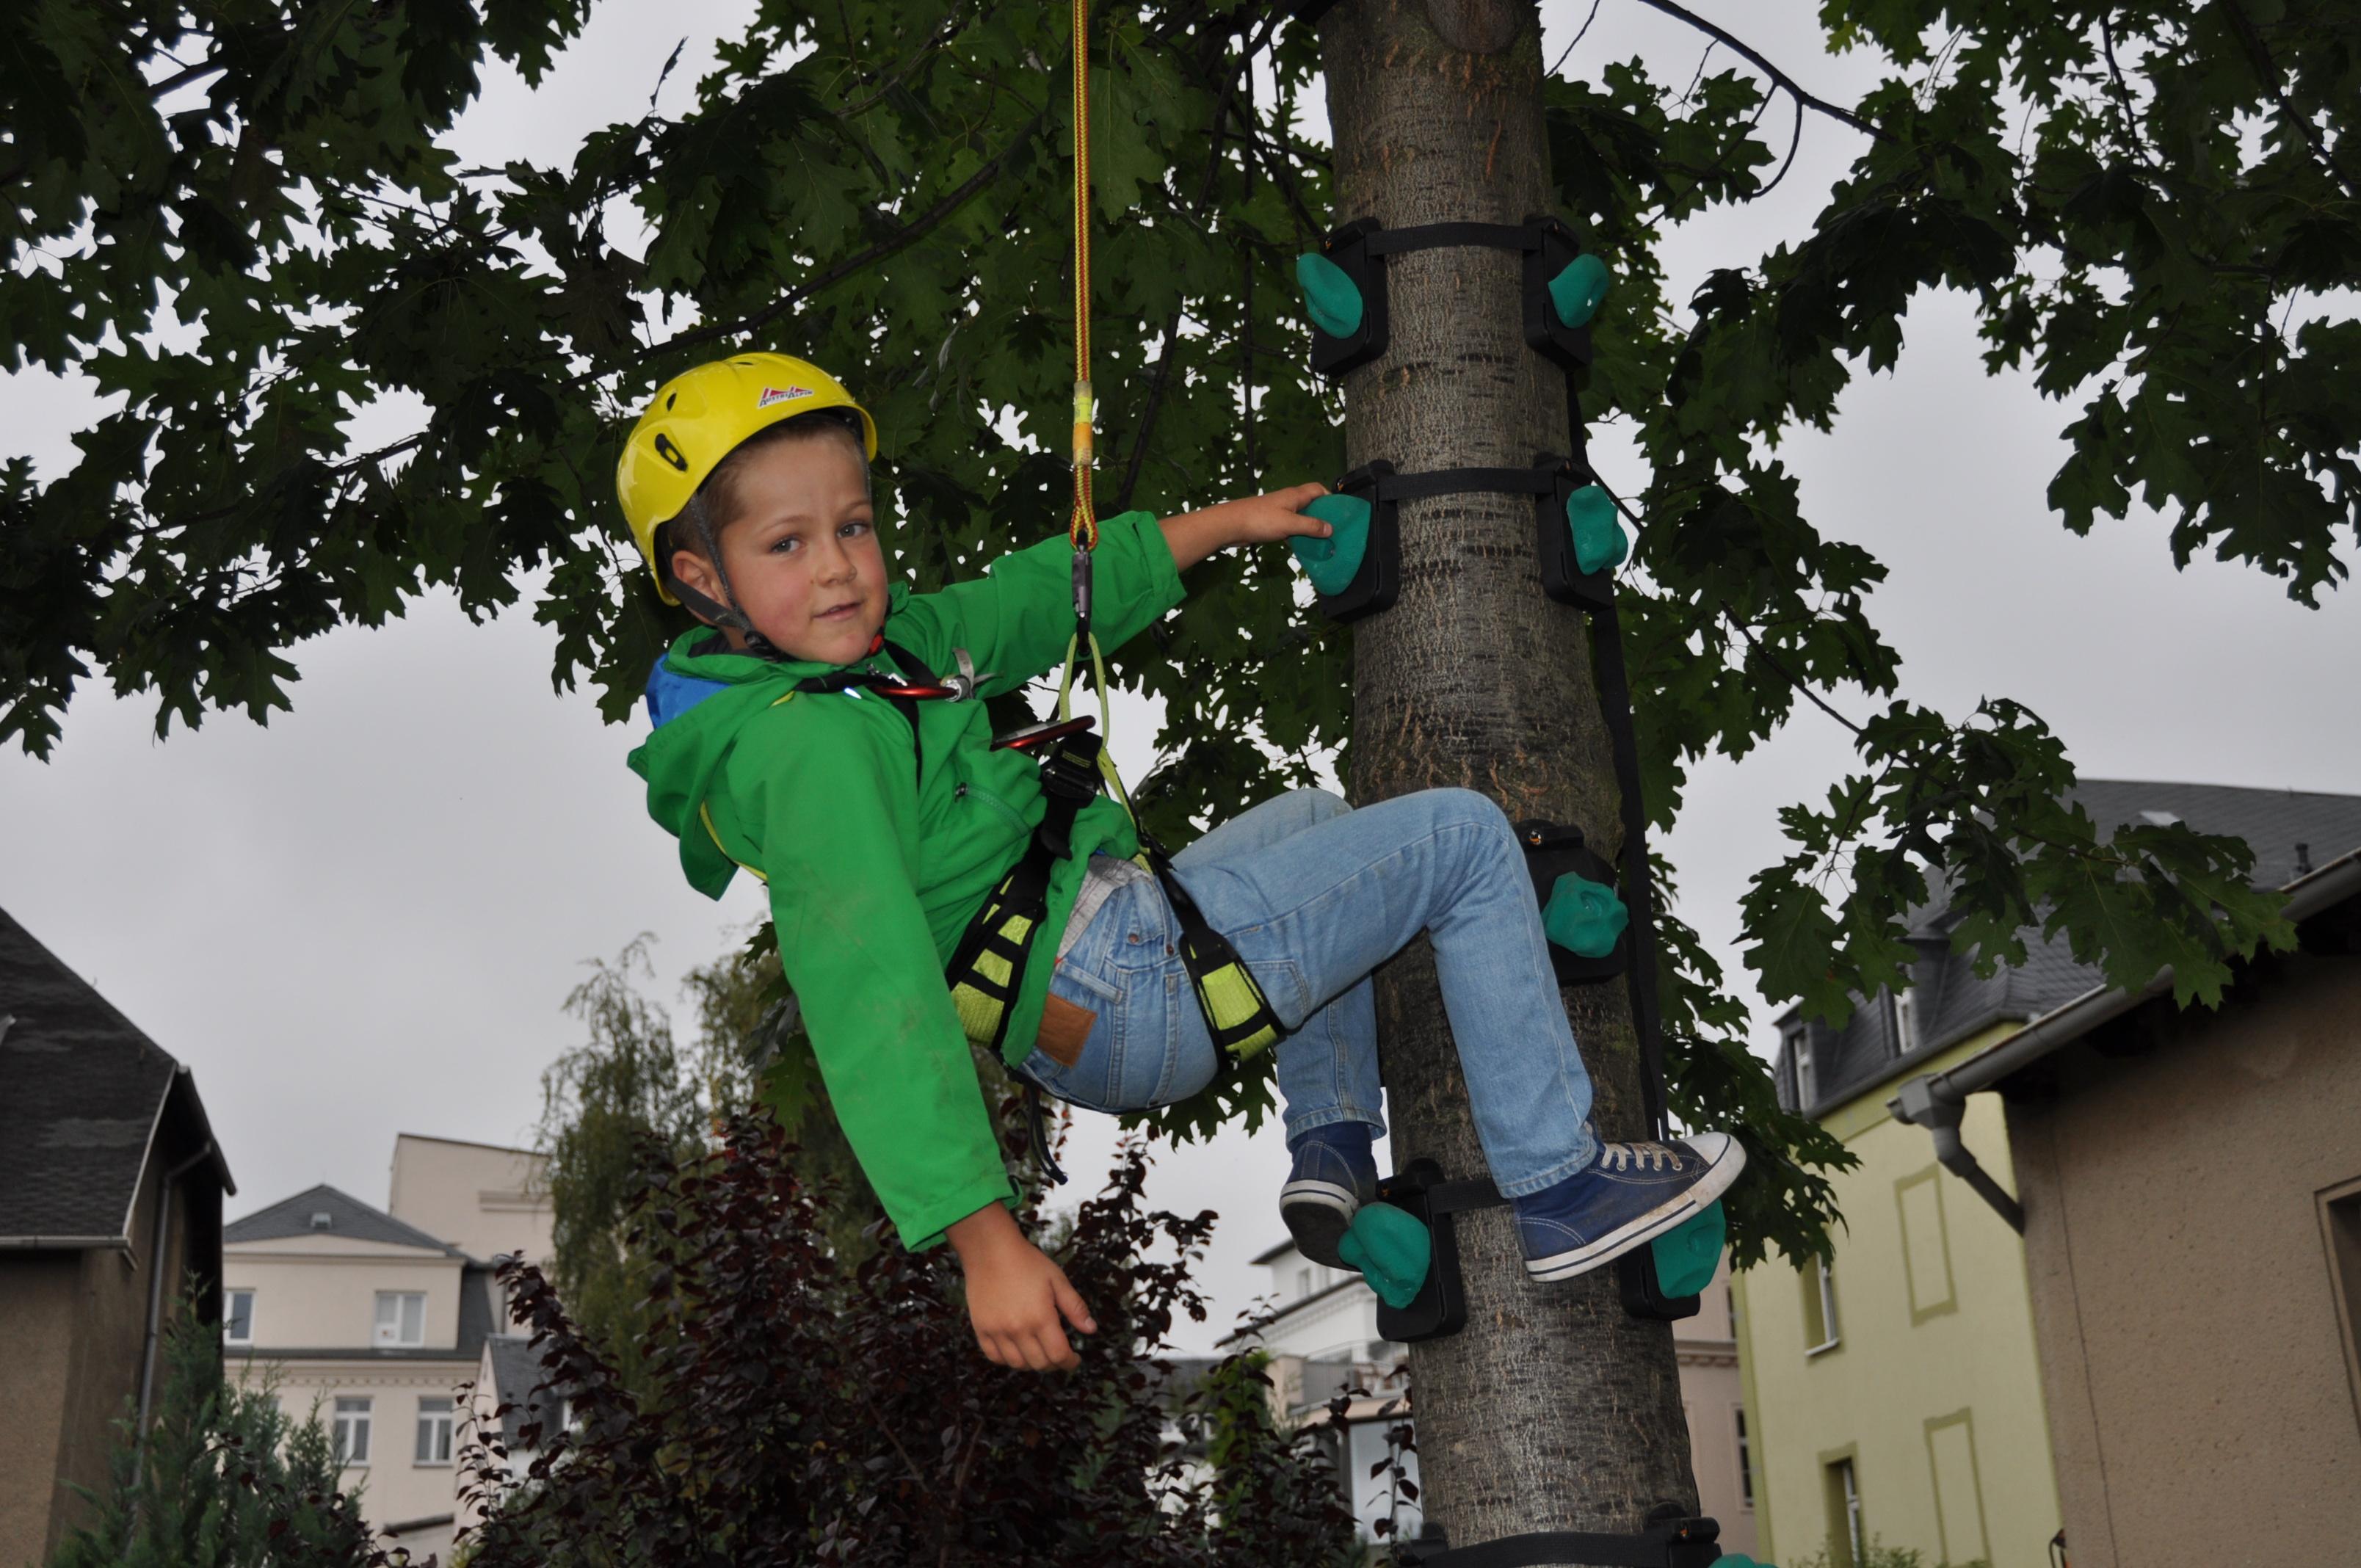 Klettergurt Für Kinder : Kinder klettern forst holz de